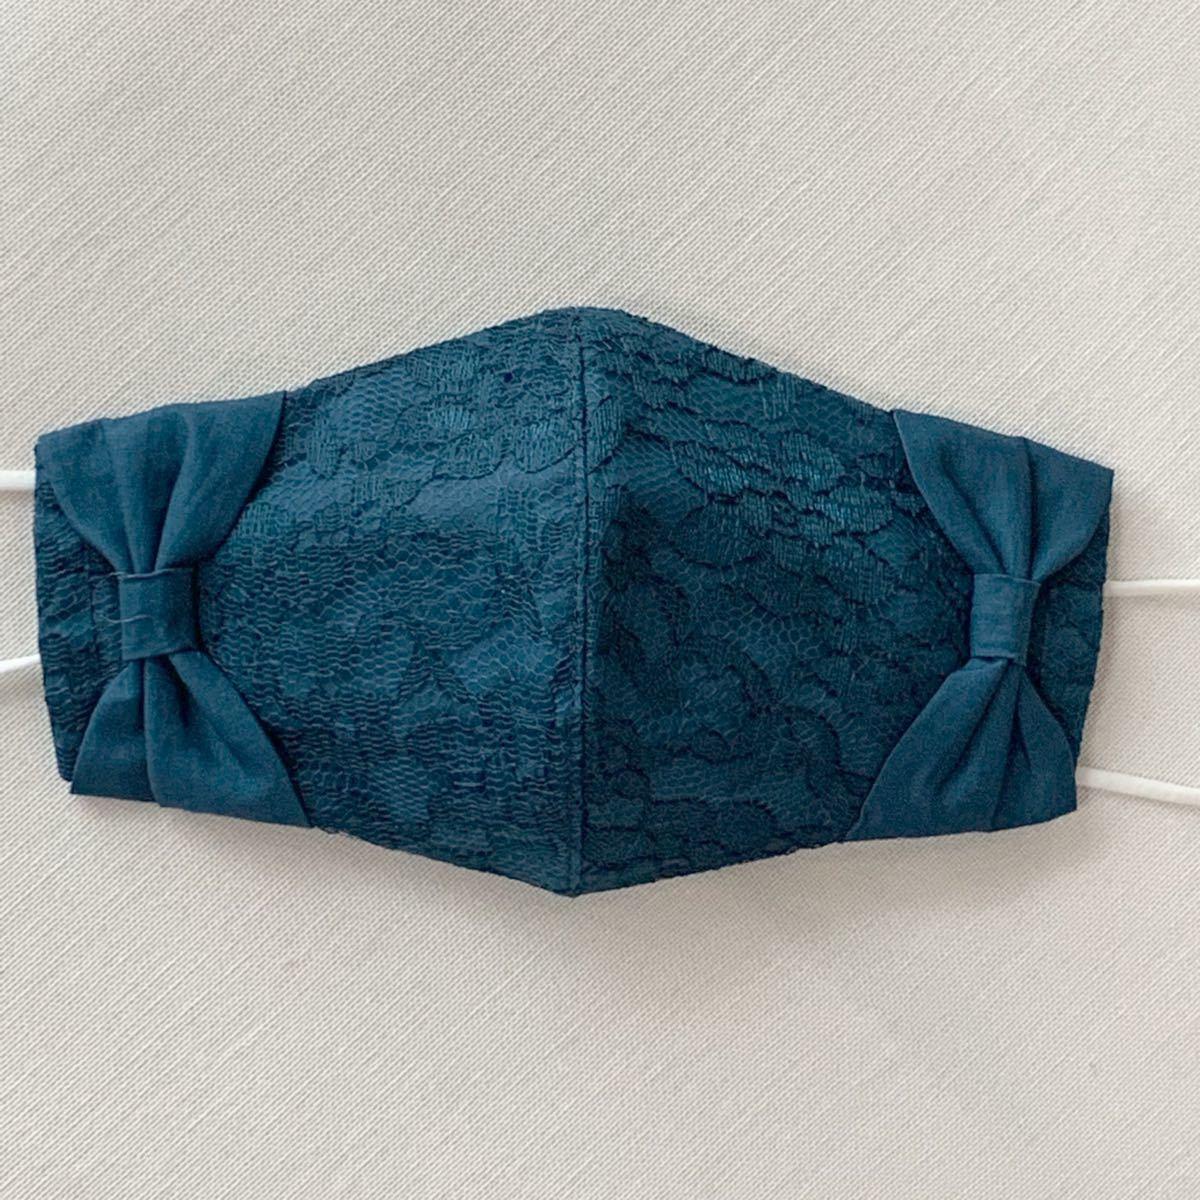 ハンドメイド 立体インナー3way  teal blue リボン